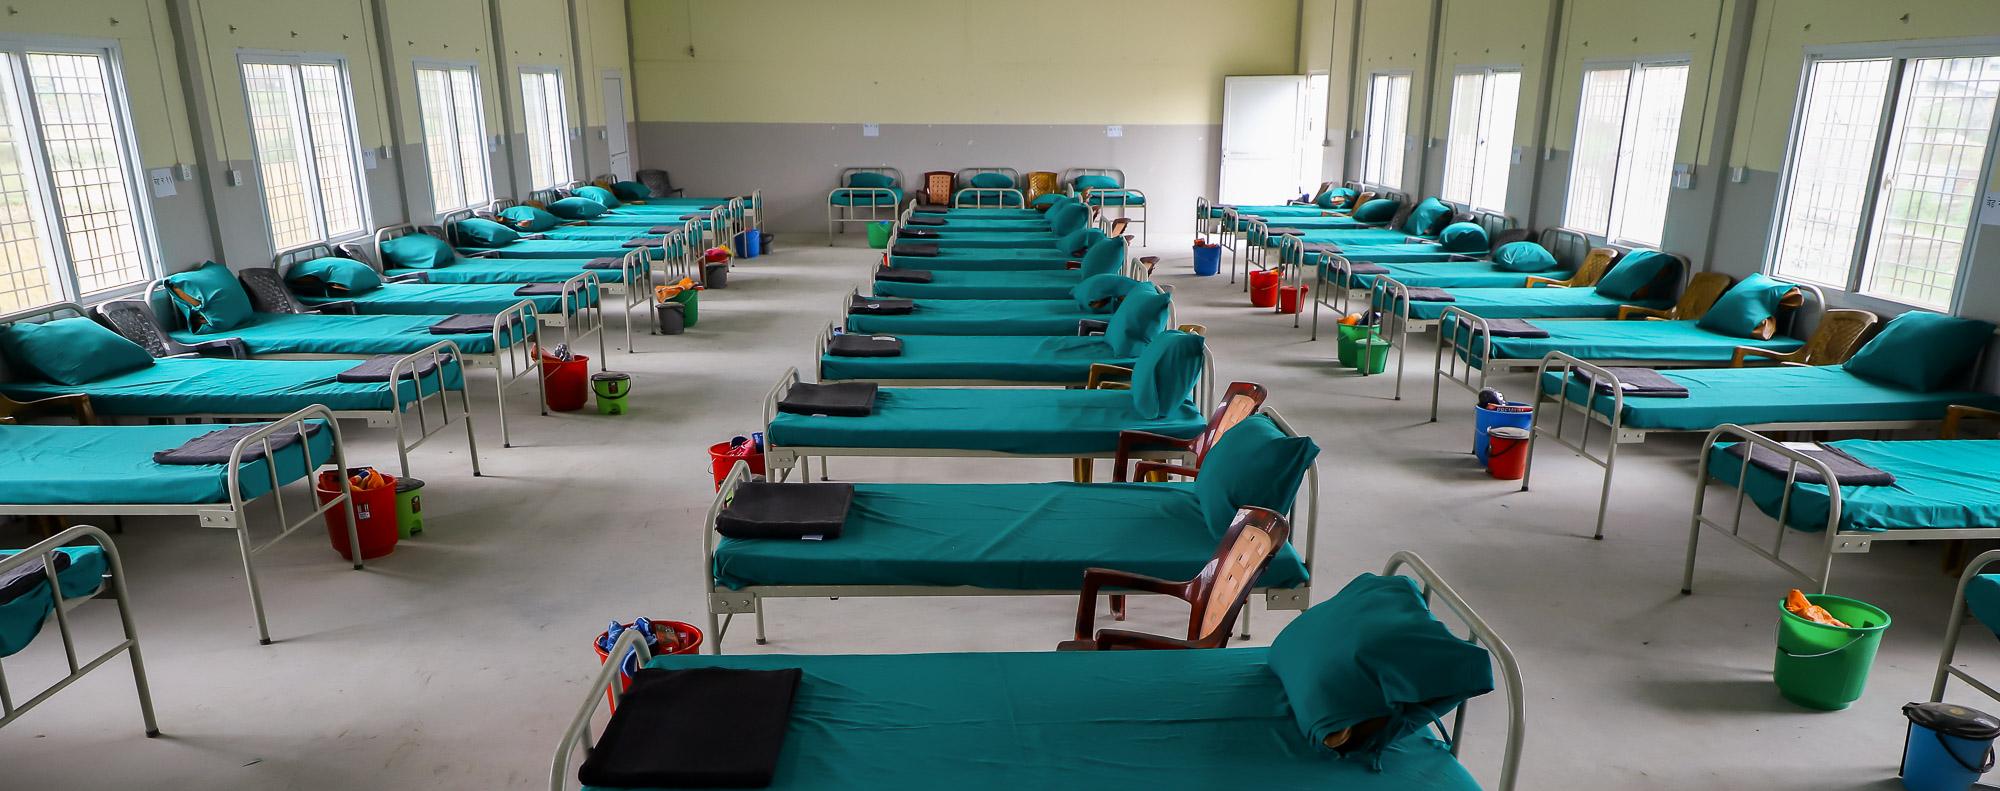 गोर्खा अस्पतालमा आइसोलेसन संचालन गर्न महासंघ र काठमाडौं महानगरबीच सहमति